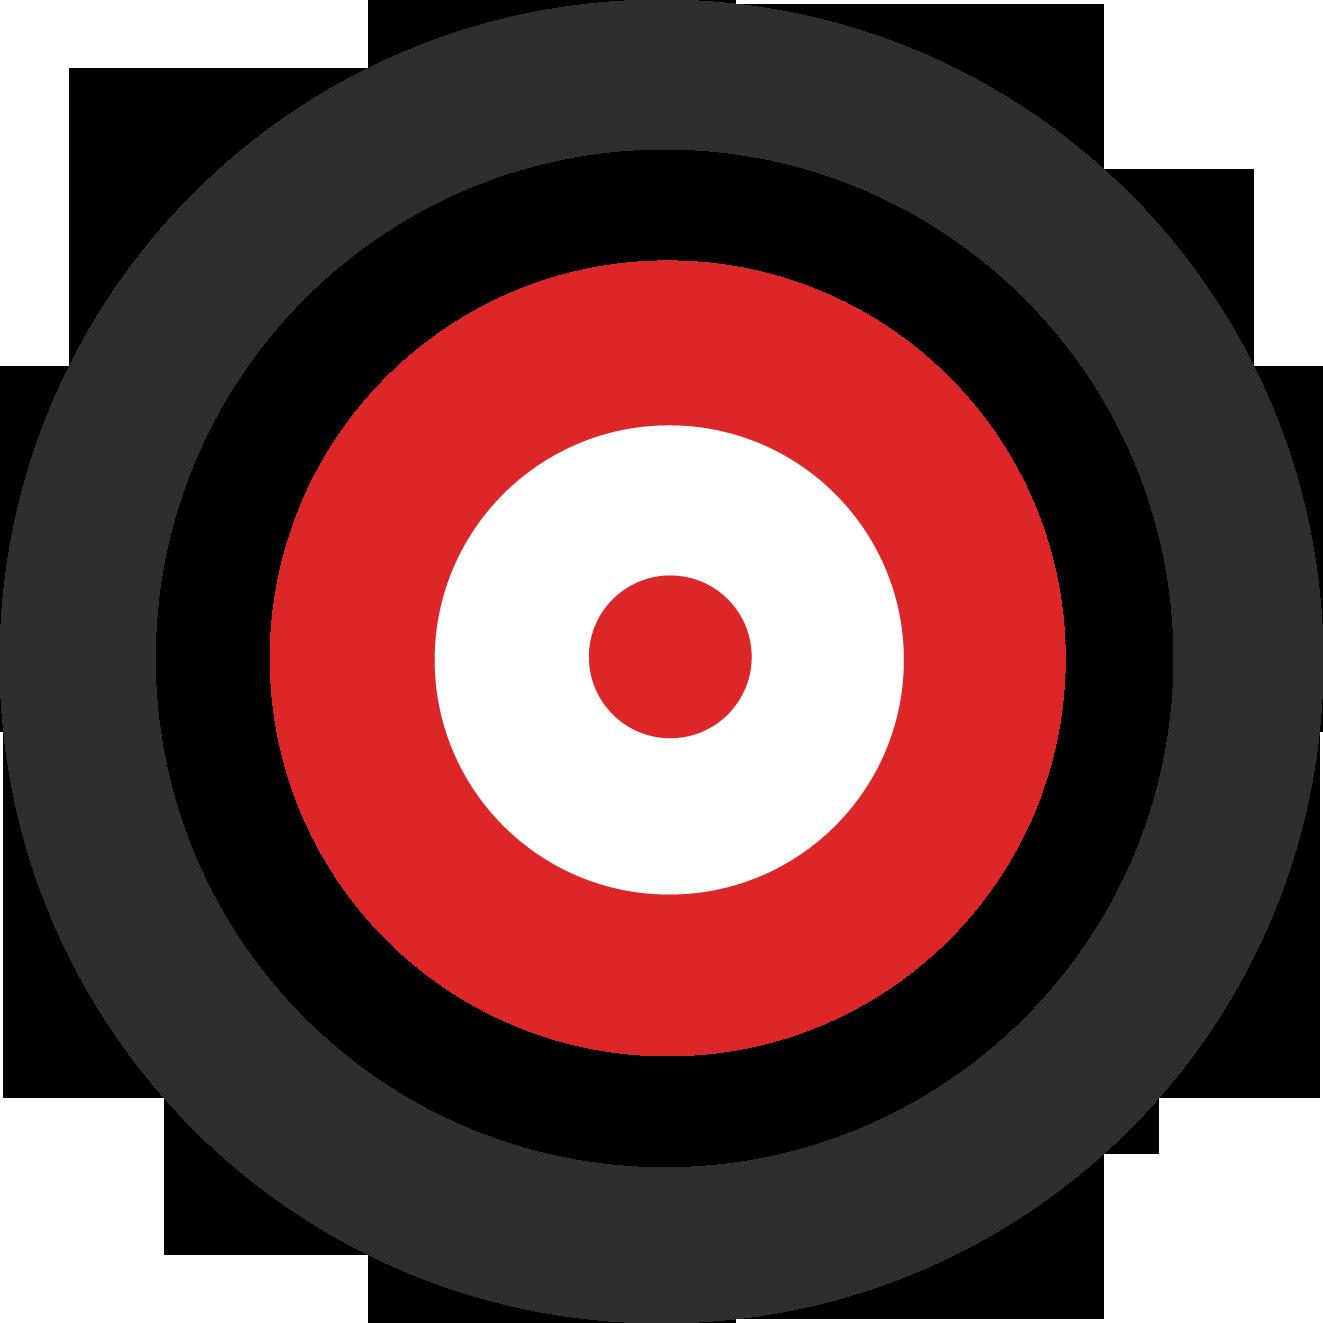 Target Symbol image #4534 - Target PNG